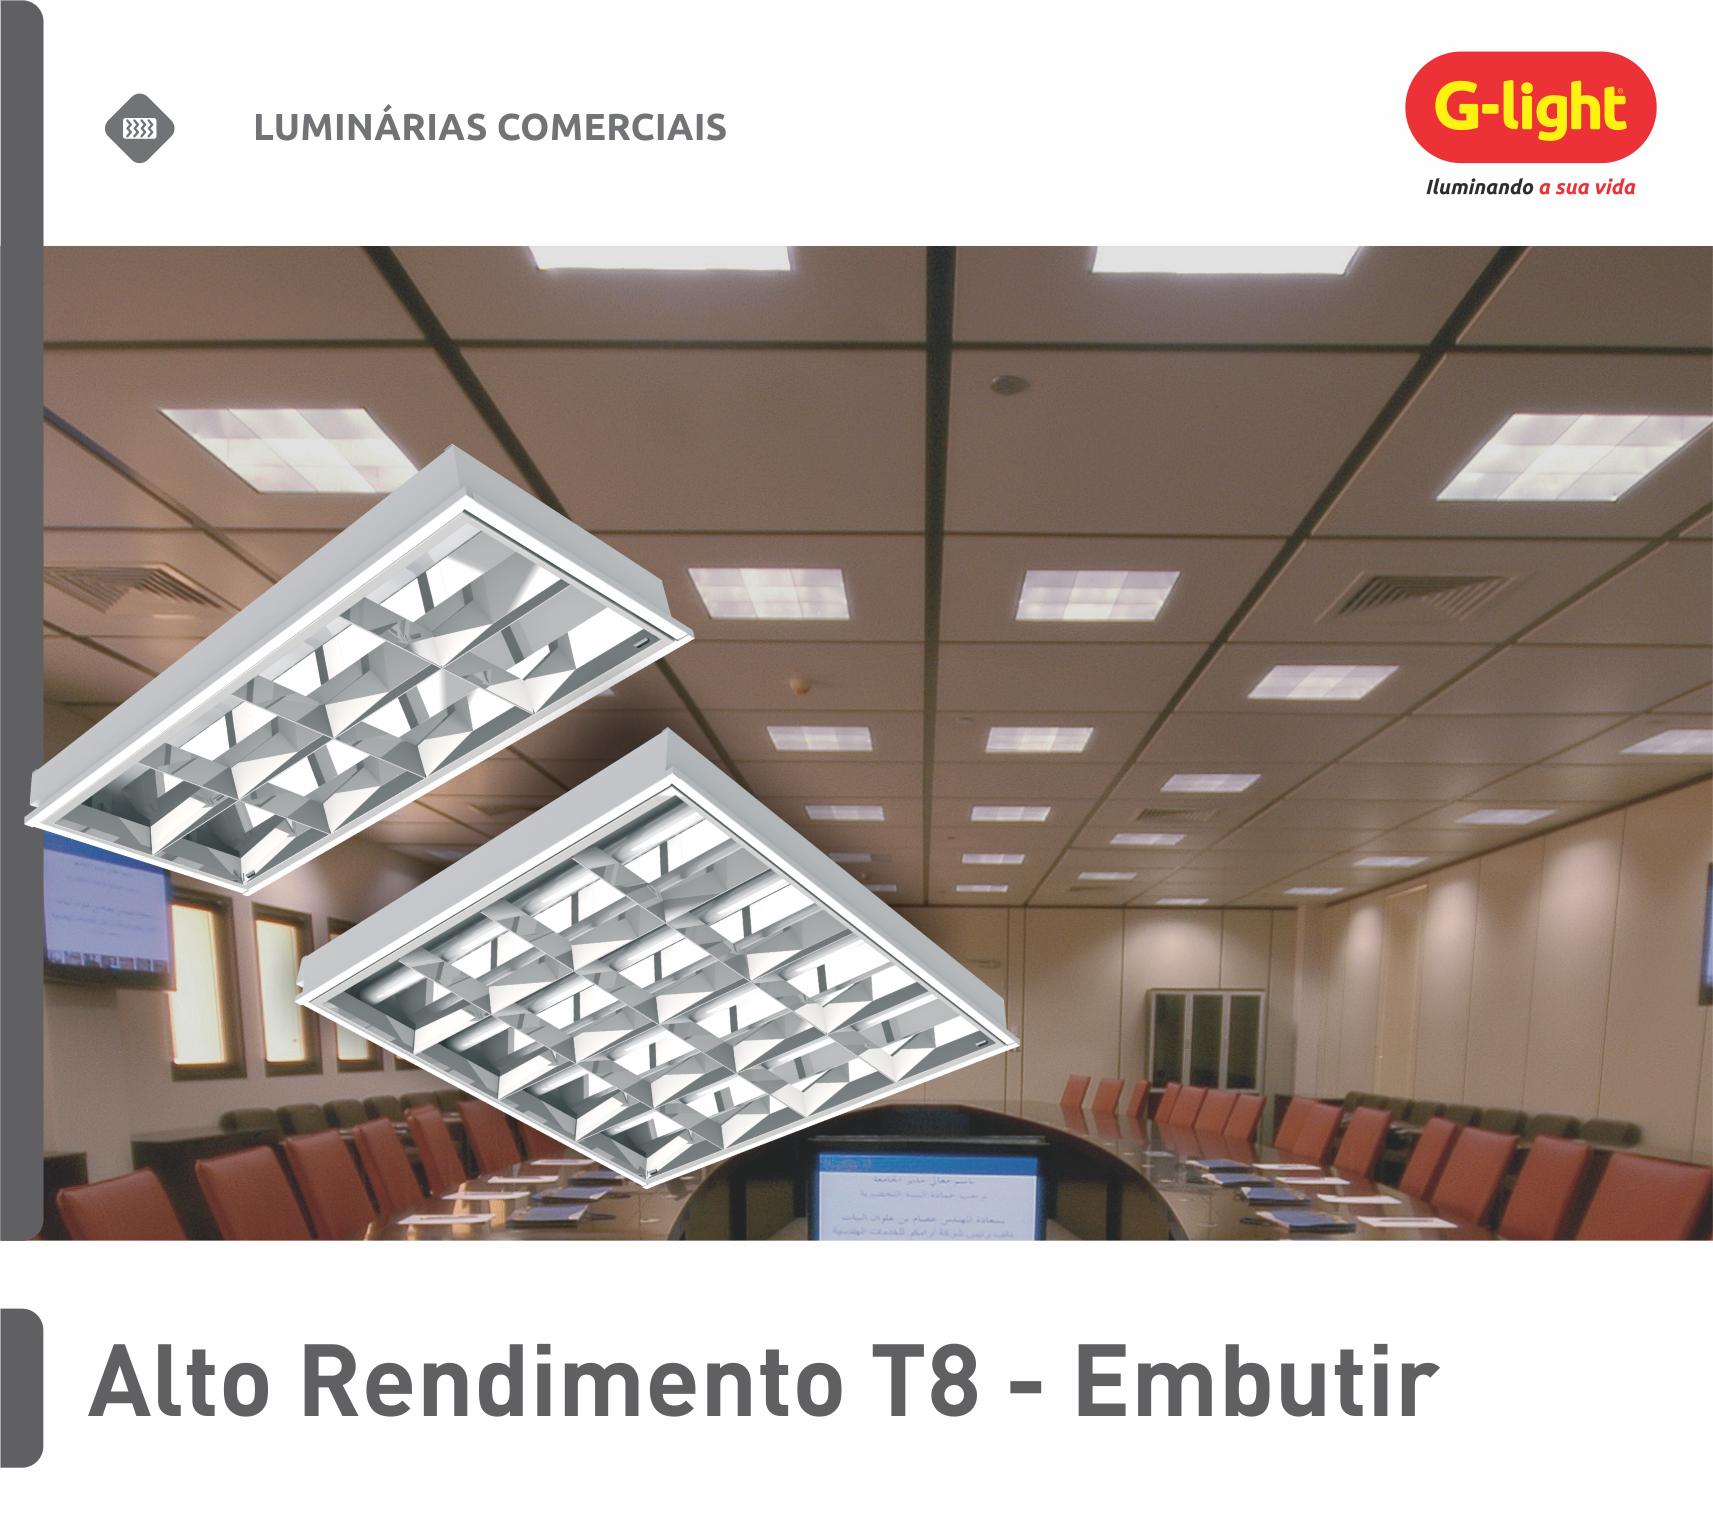 Luminária de Alto Rendimento T8 - Embutir